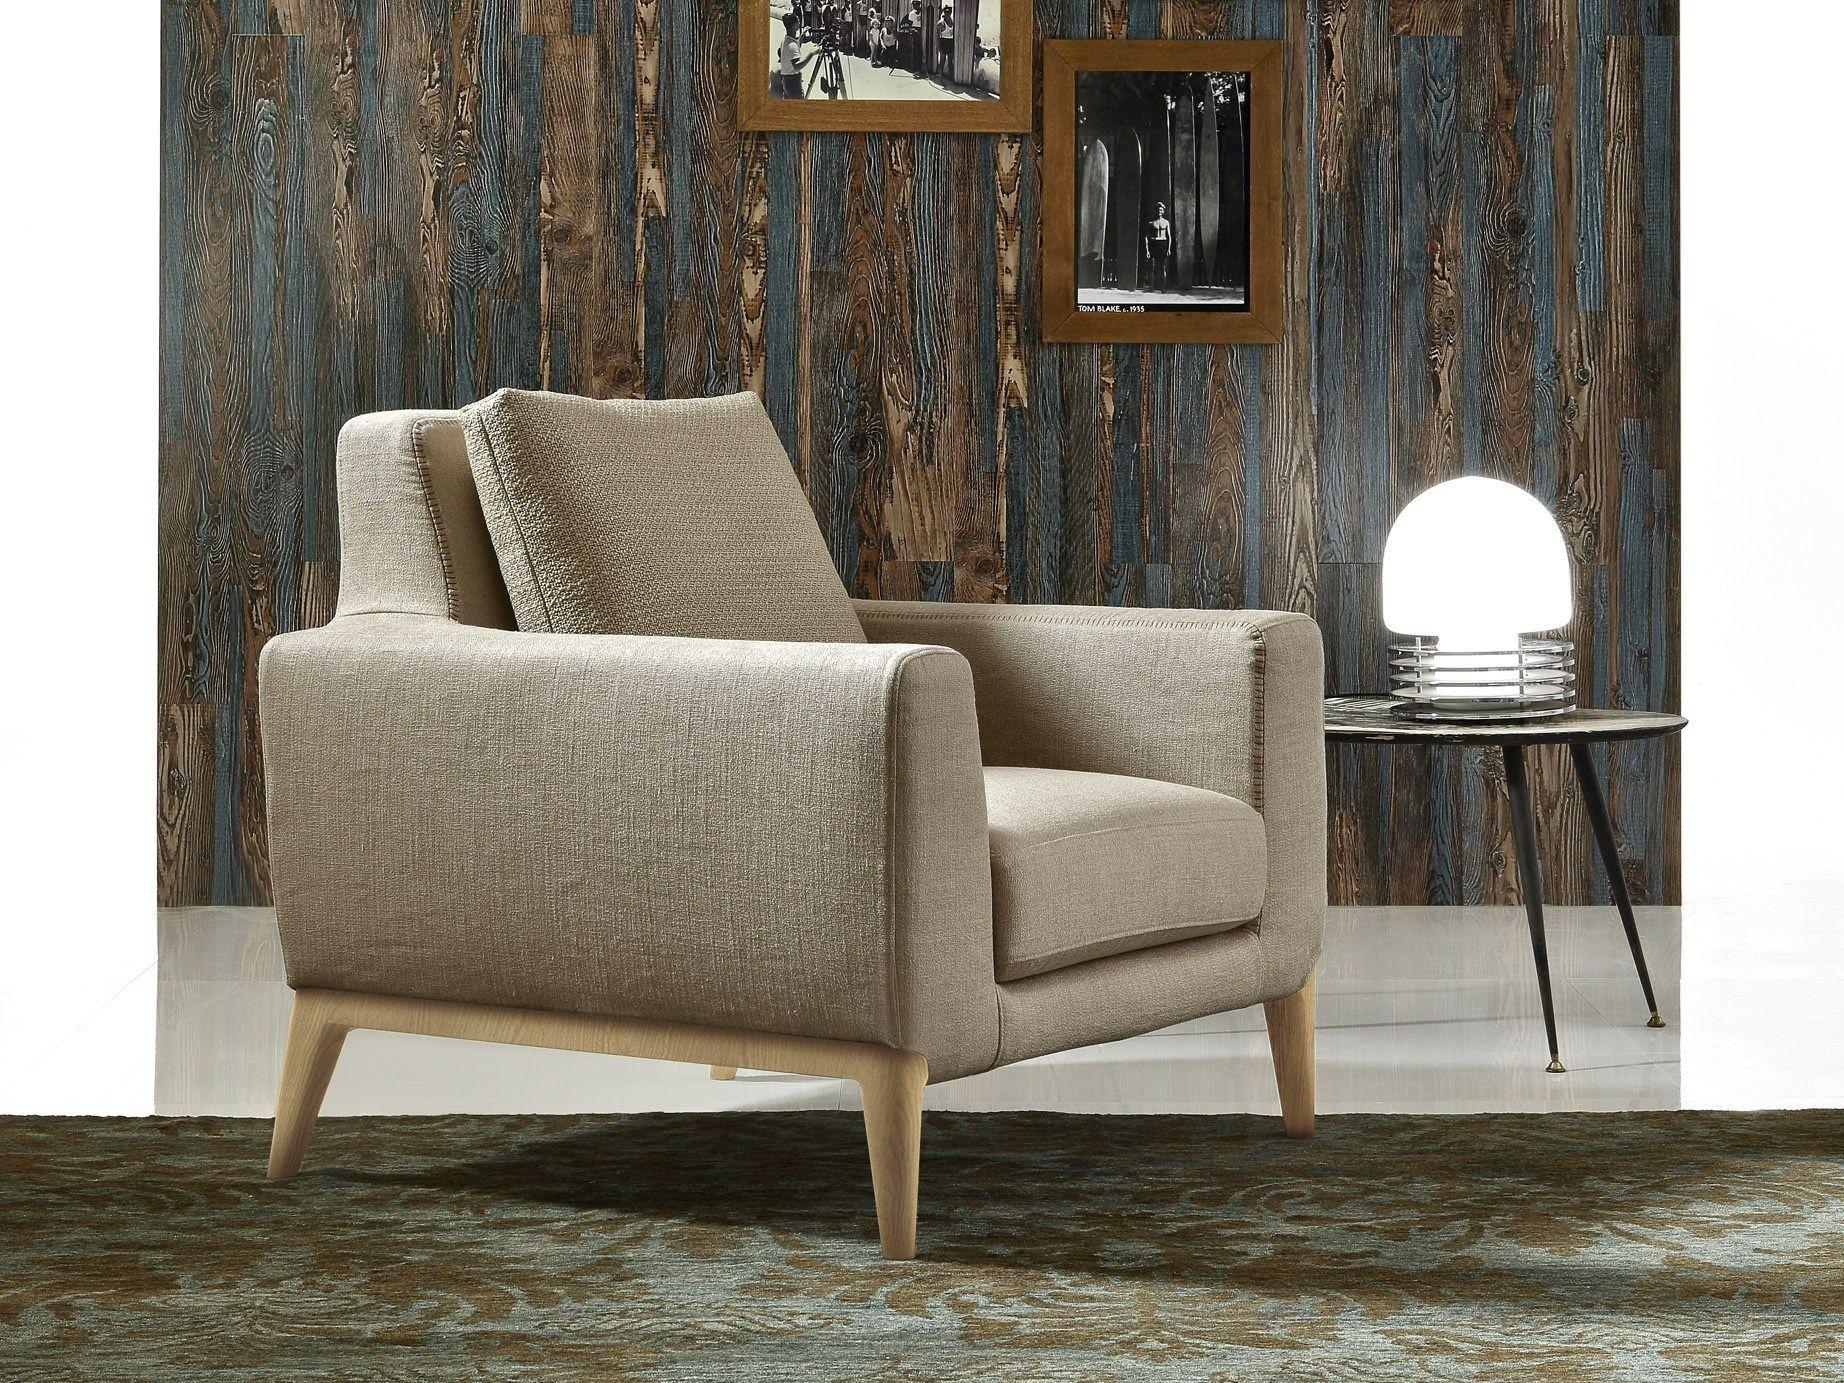 Miller fauteuil by ditre italia design stefano spessotto for Di tre italia